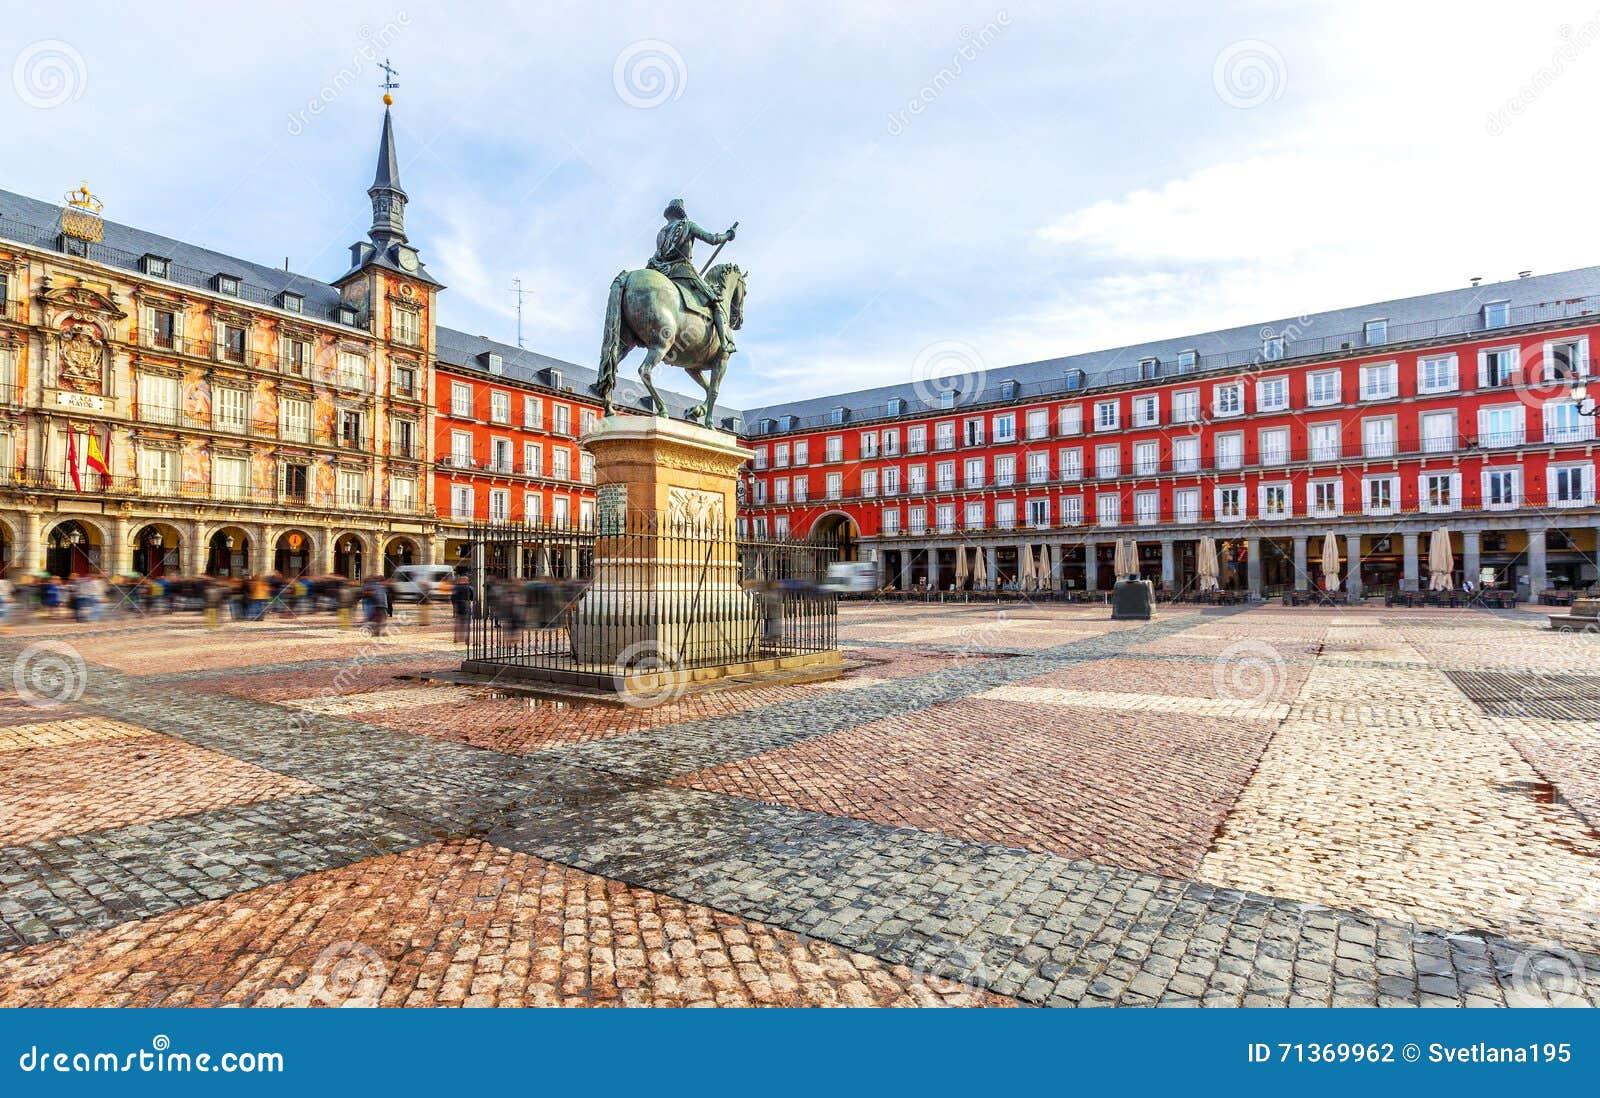 Piazza-Bürgermeister mit Statue von König Philips III in Madrid, Spanien